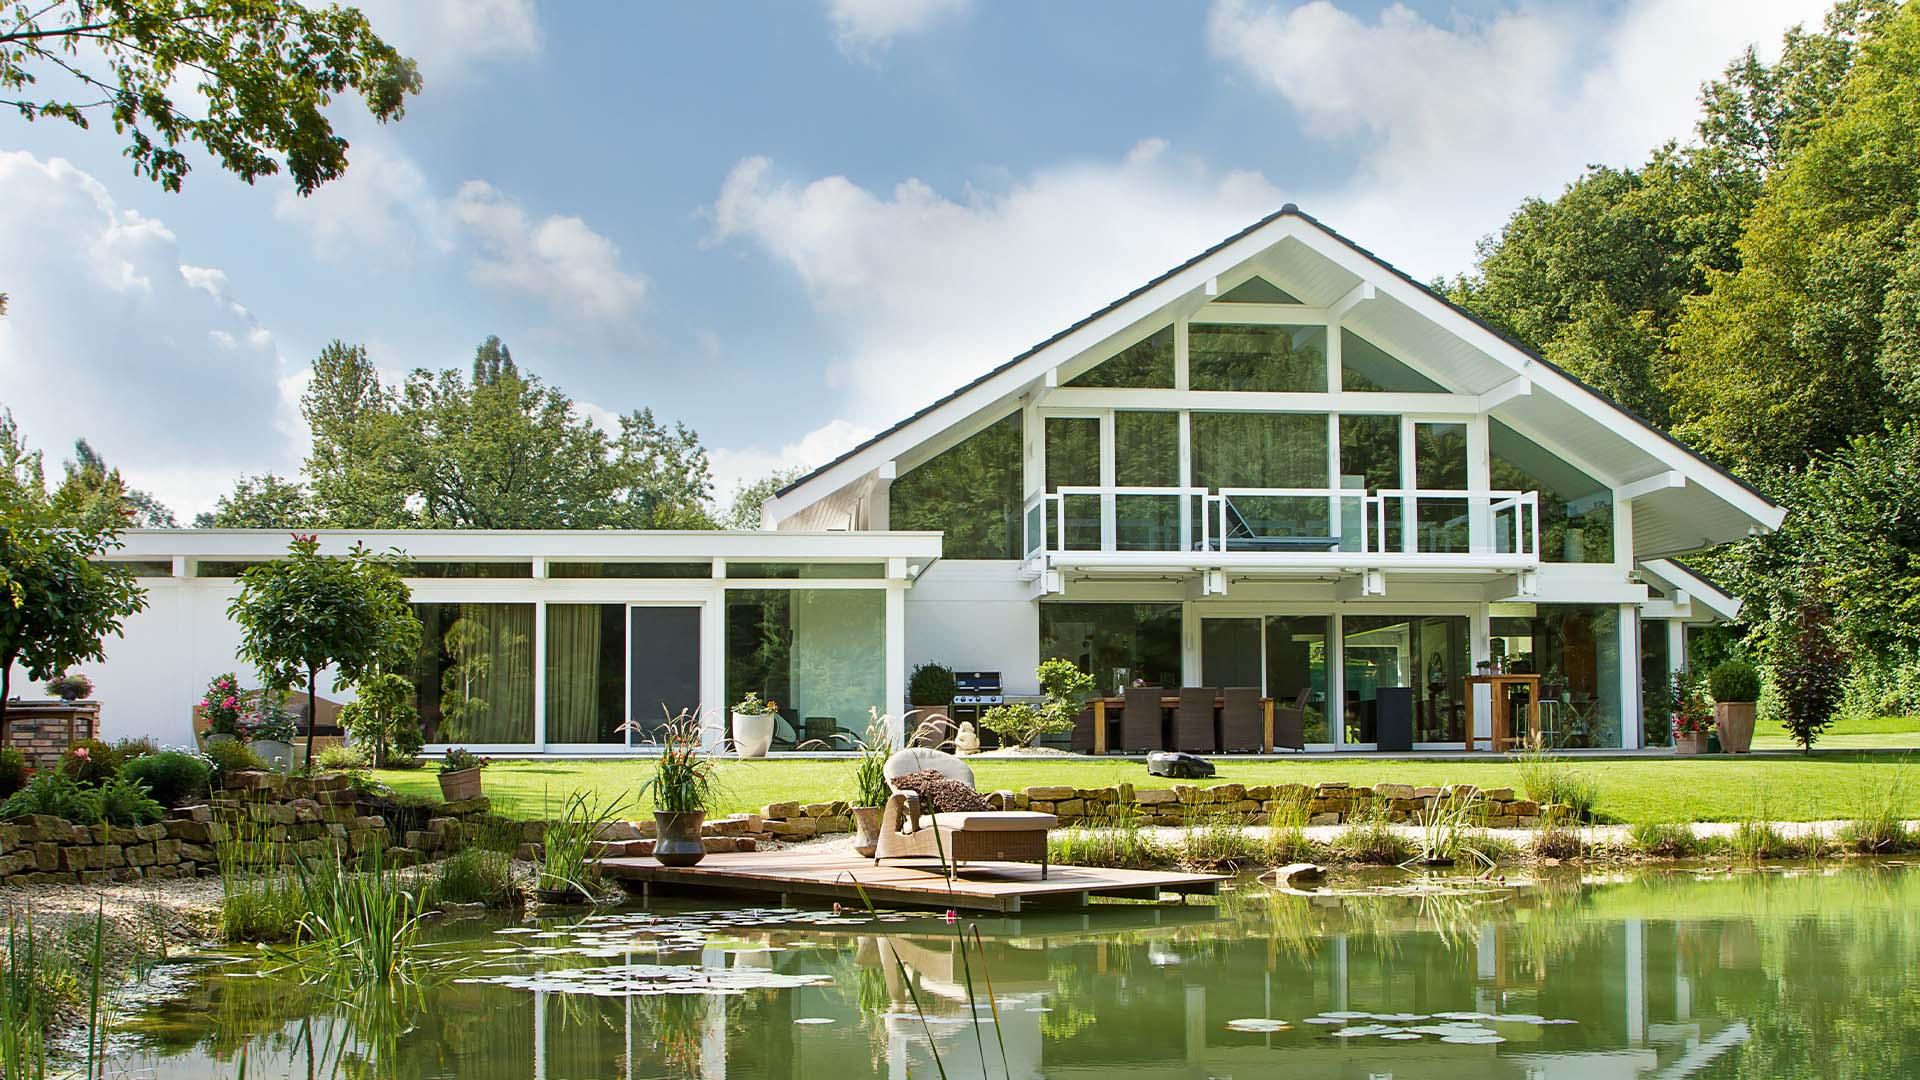 Detmolder Fachwerkhaus – Anbauten und Umbauten 01